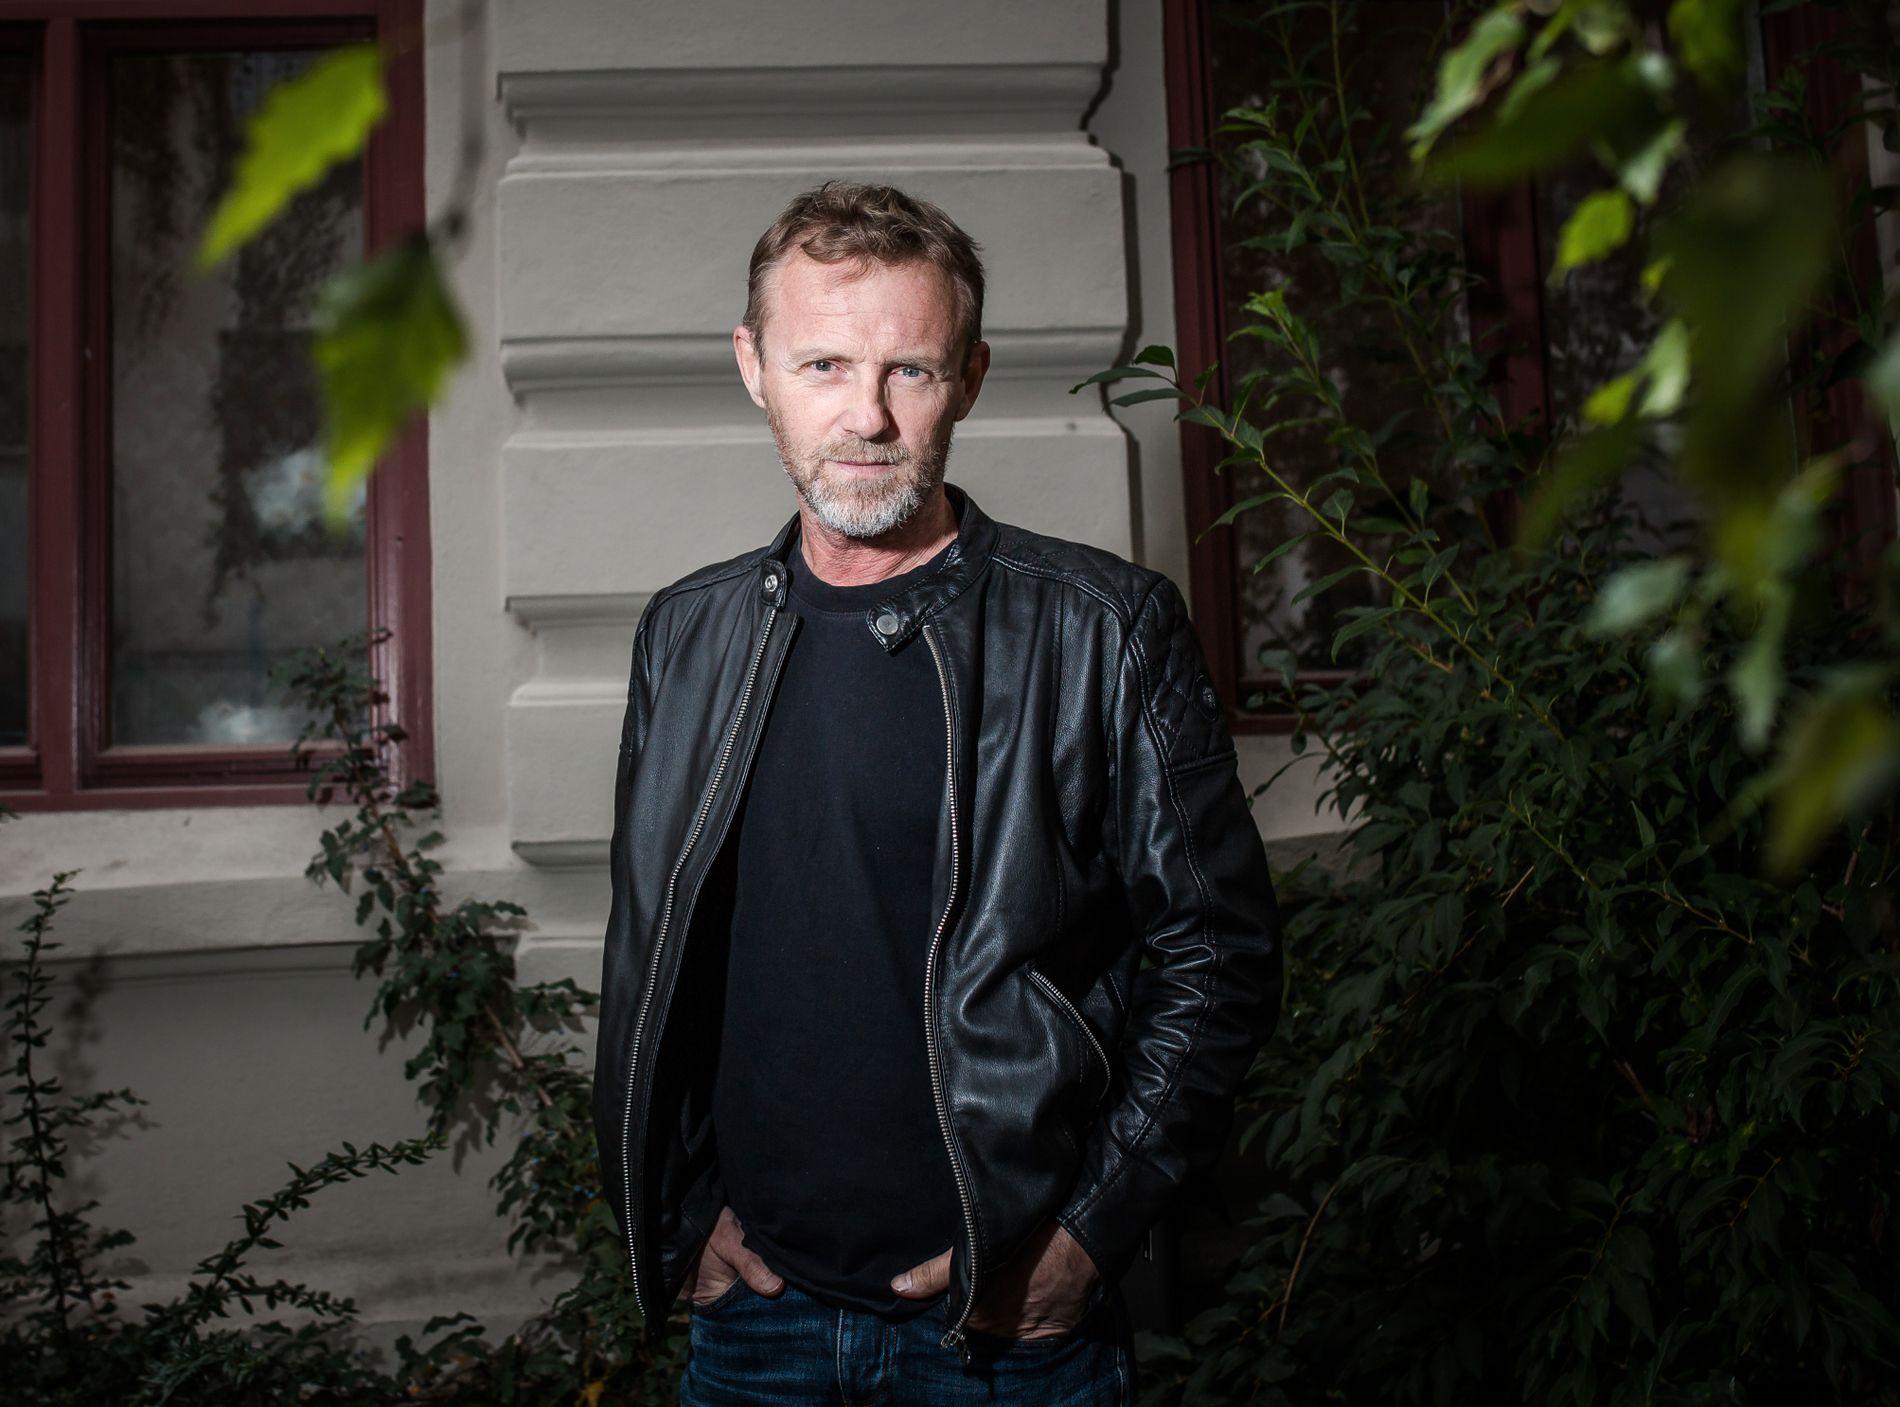 BORTE FRA LISTA: Jo Nesbø har hele tiden stått oppført som produsent på «Snømannen». Denne uken er han fjernet fra produsentlista, og det samme er hans agent Niclas Salomonsson.